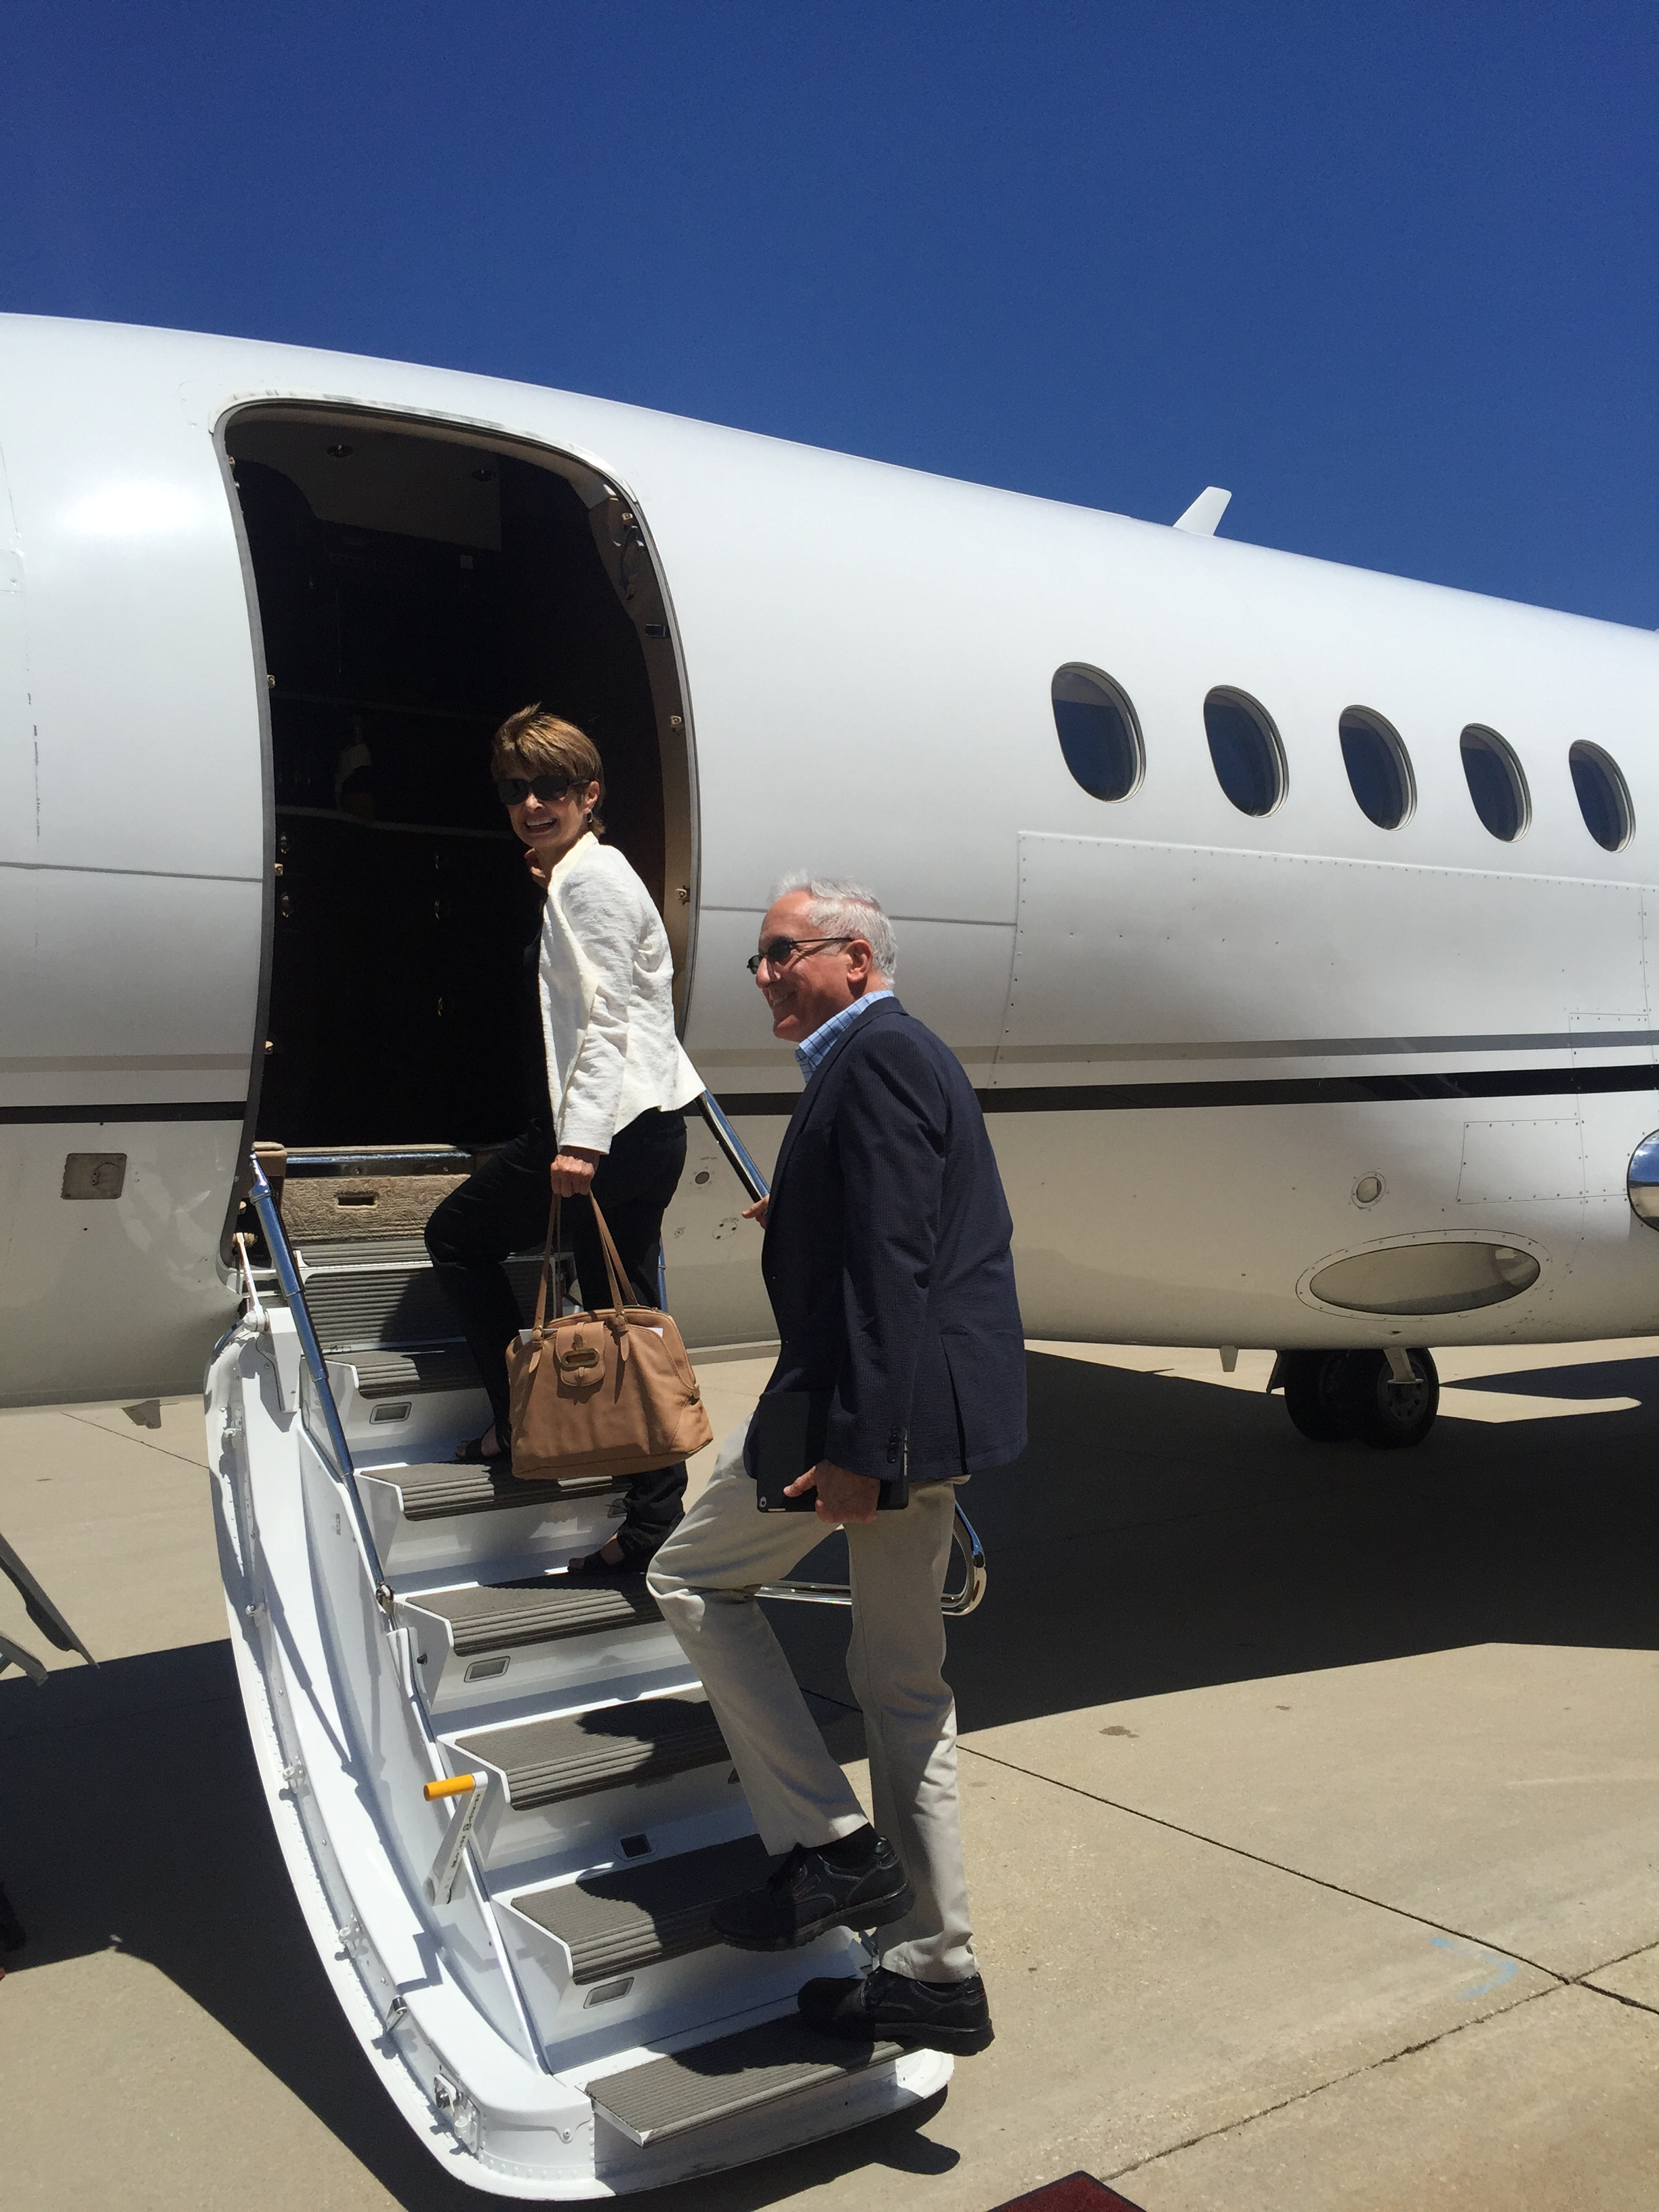 man and woman boarding aircraft